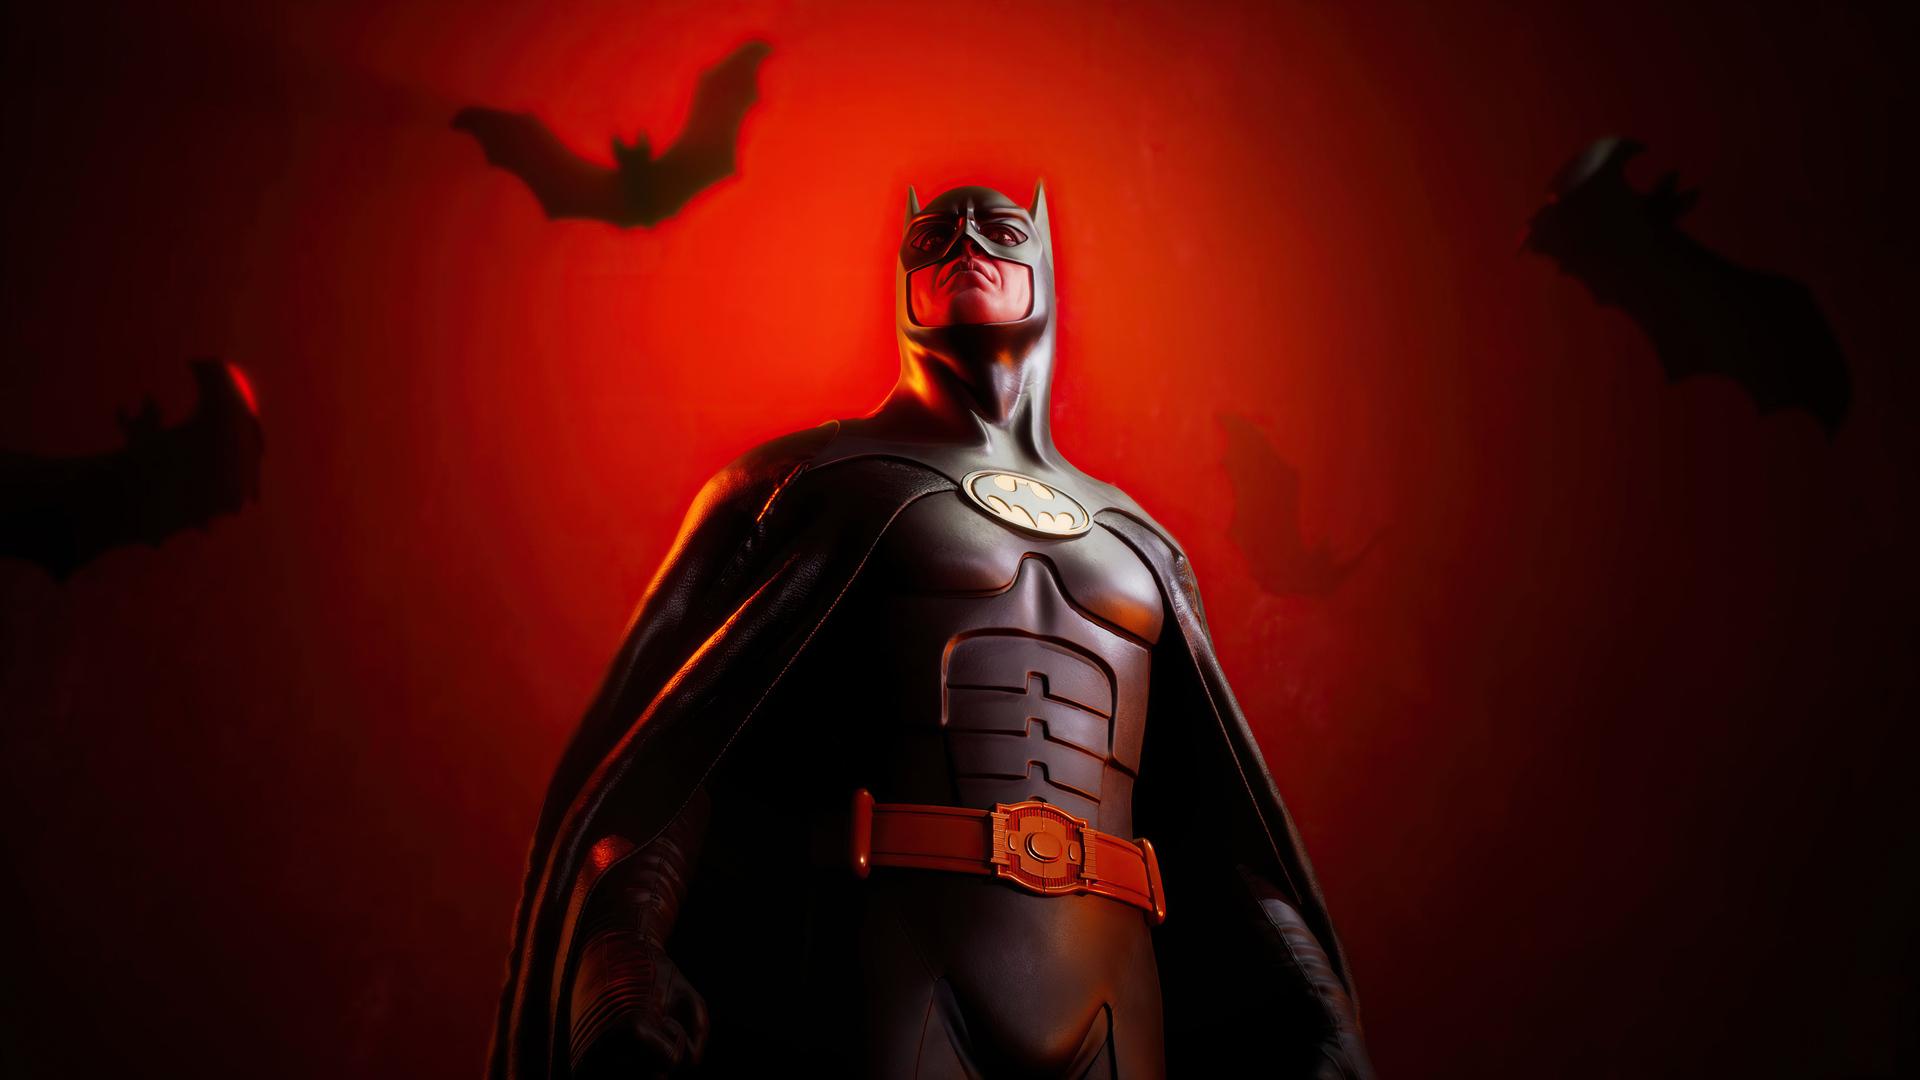 batman-art-5k-ug.jpg